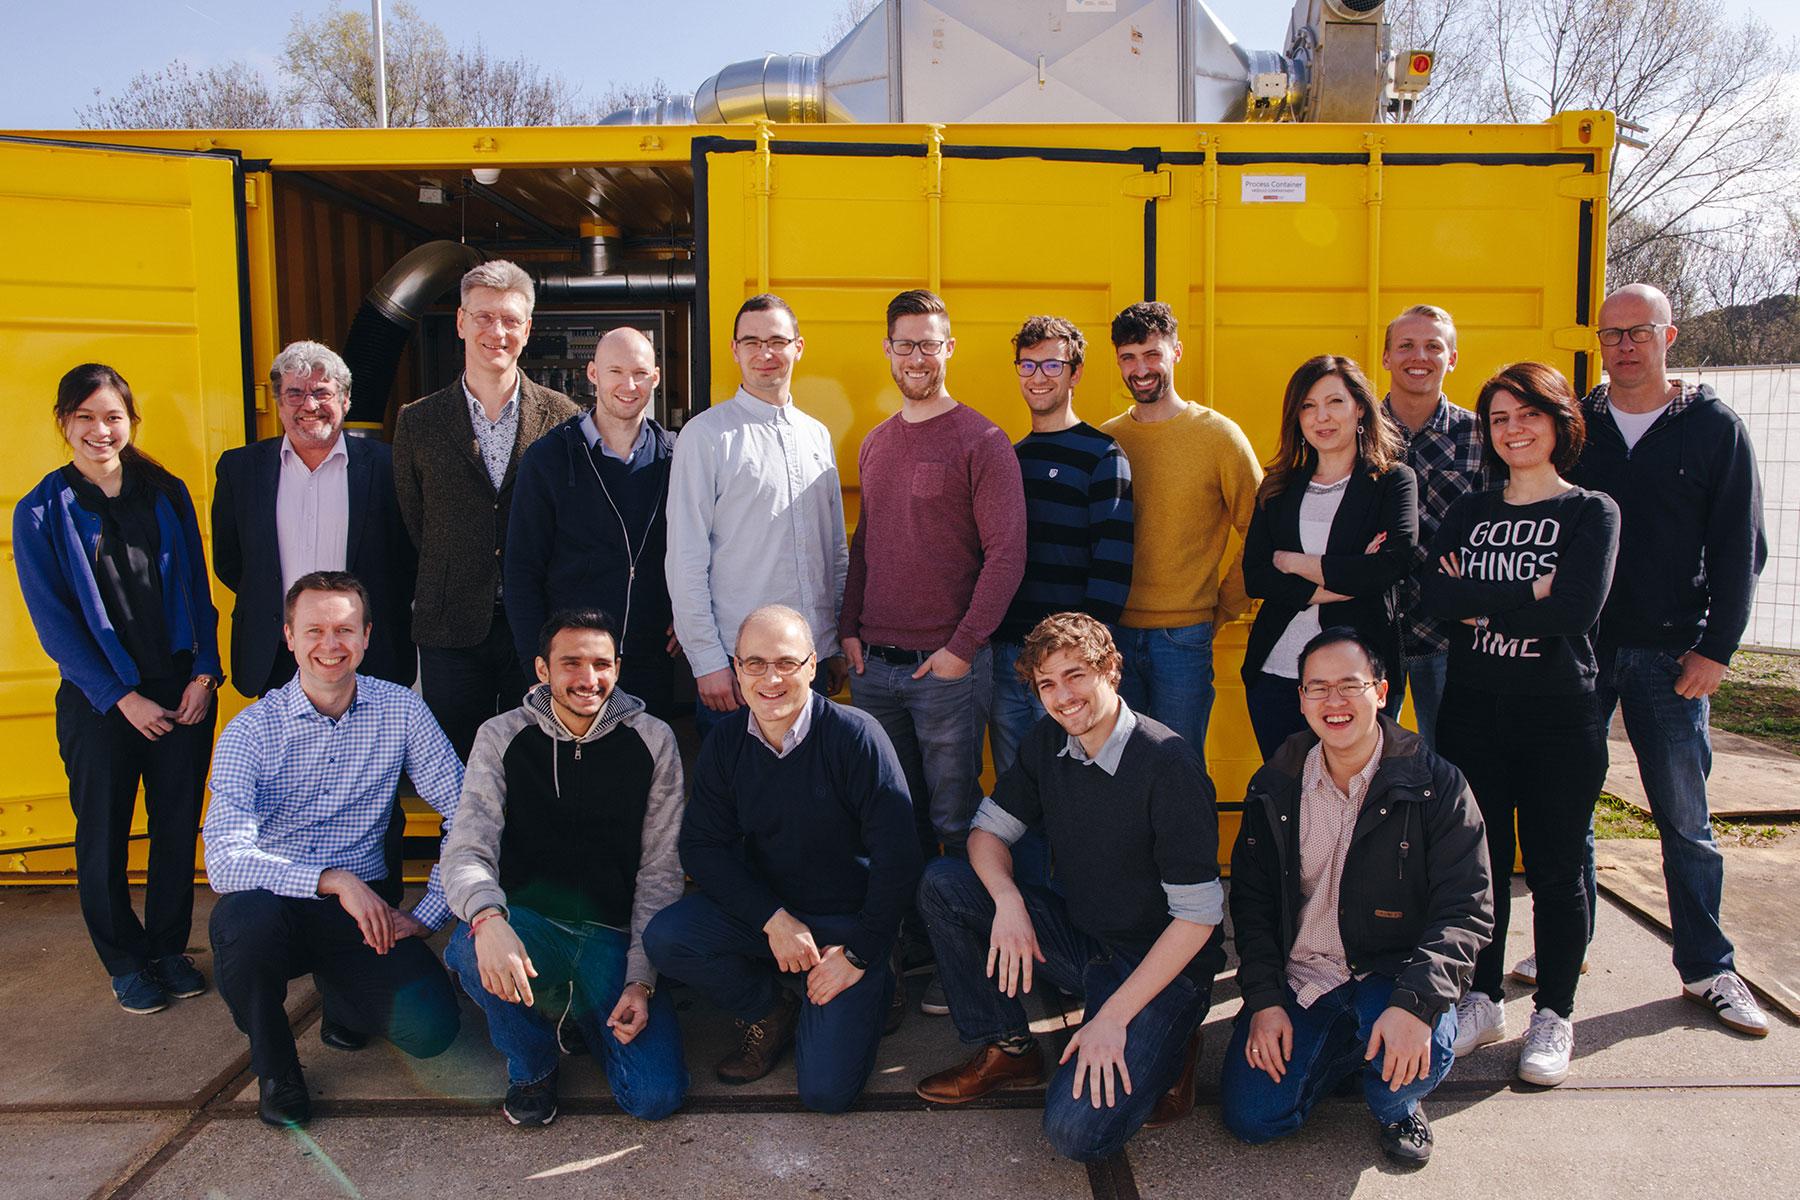 IPKW'er Elestor start samenwerking met toonaangevende Europese partners voor ontwikkeling van membraanloze HBr flow batterij